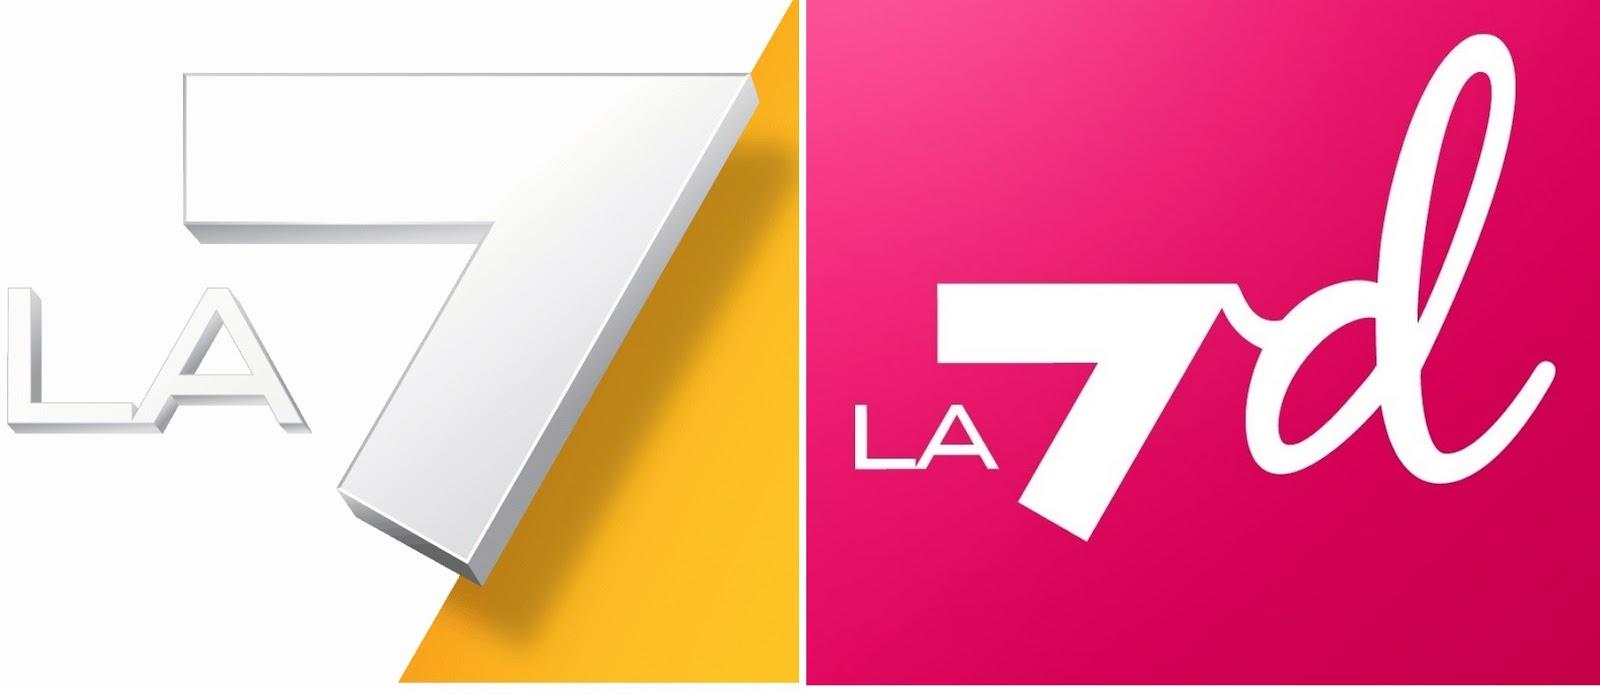 la7 - Editoria & Tv. Cairo Communication: 1,2 mld di fatturato e 52 mln di utili per un 2017 più che soddisfacente e un 2018 che promette decisamente bene